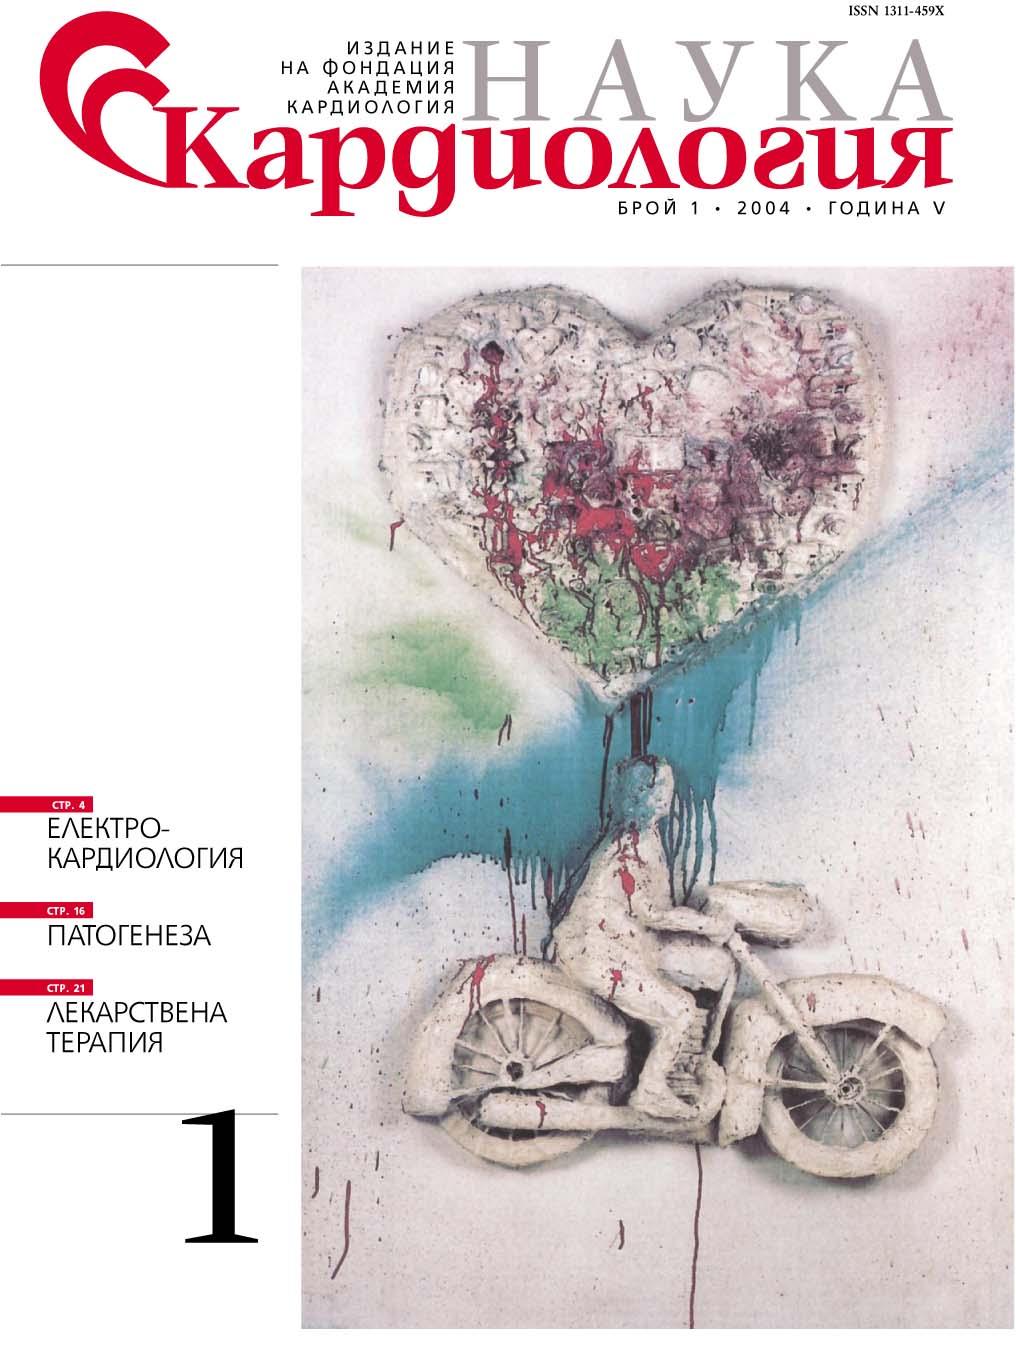 Наука Кардиология 1/2004